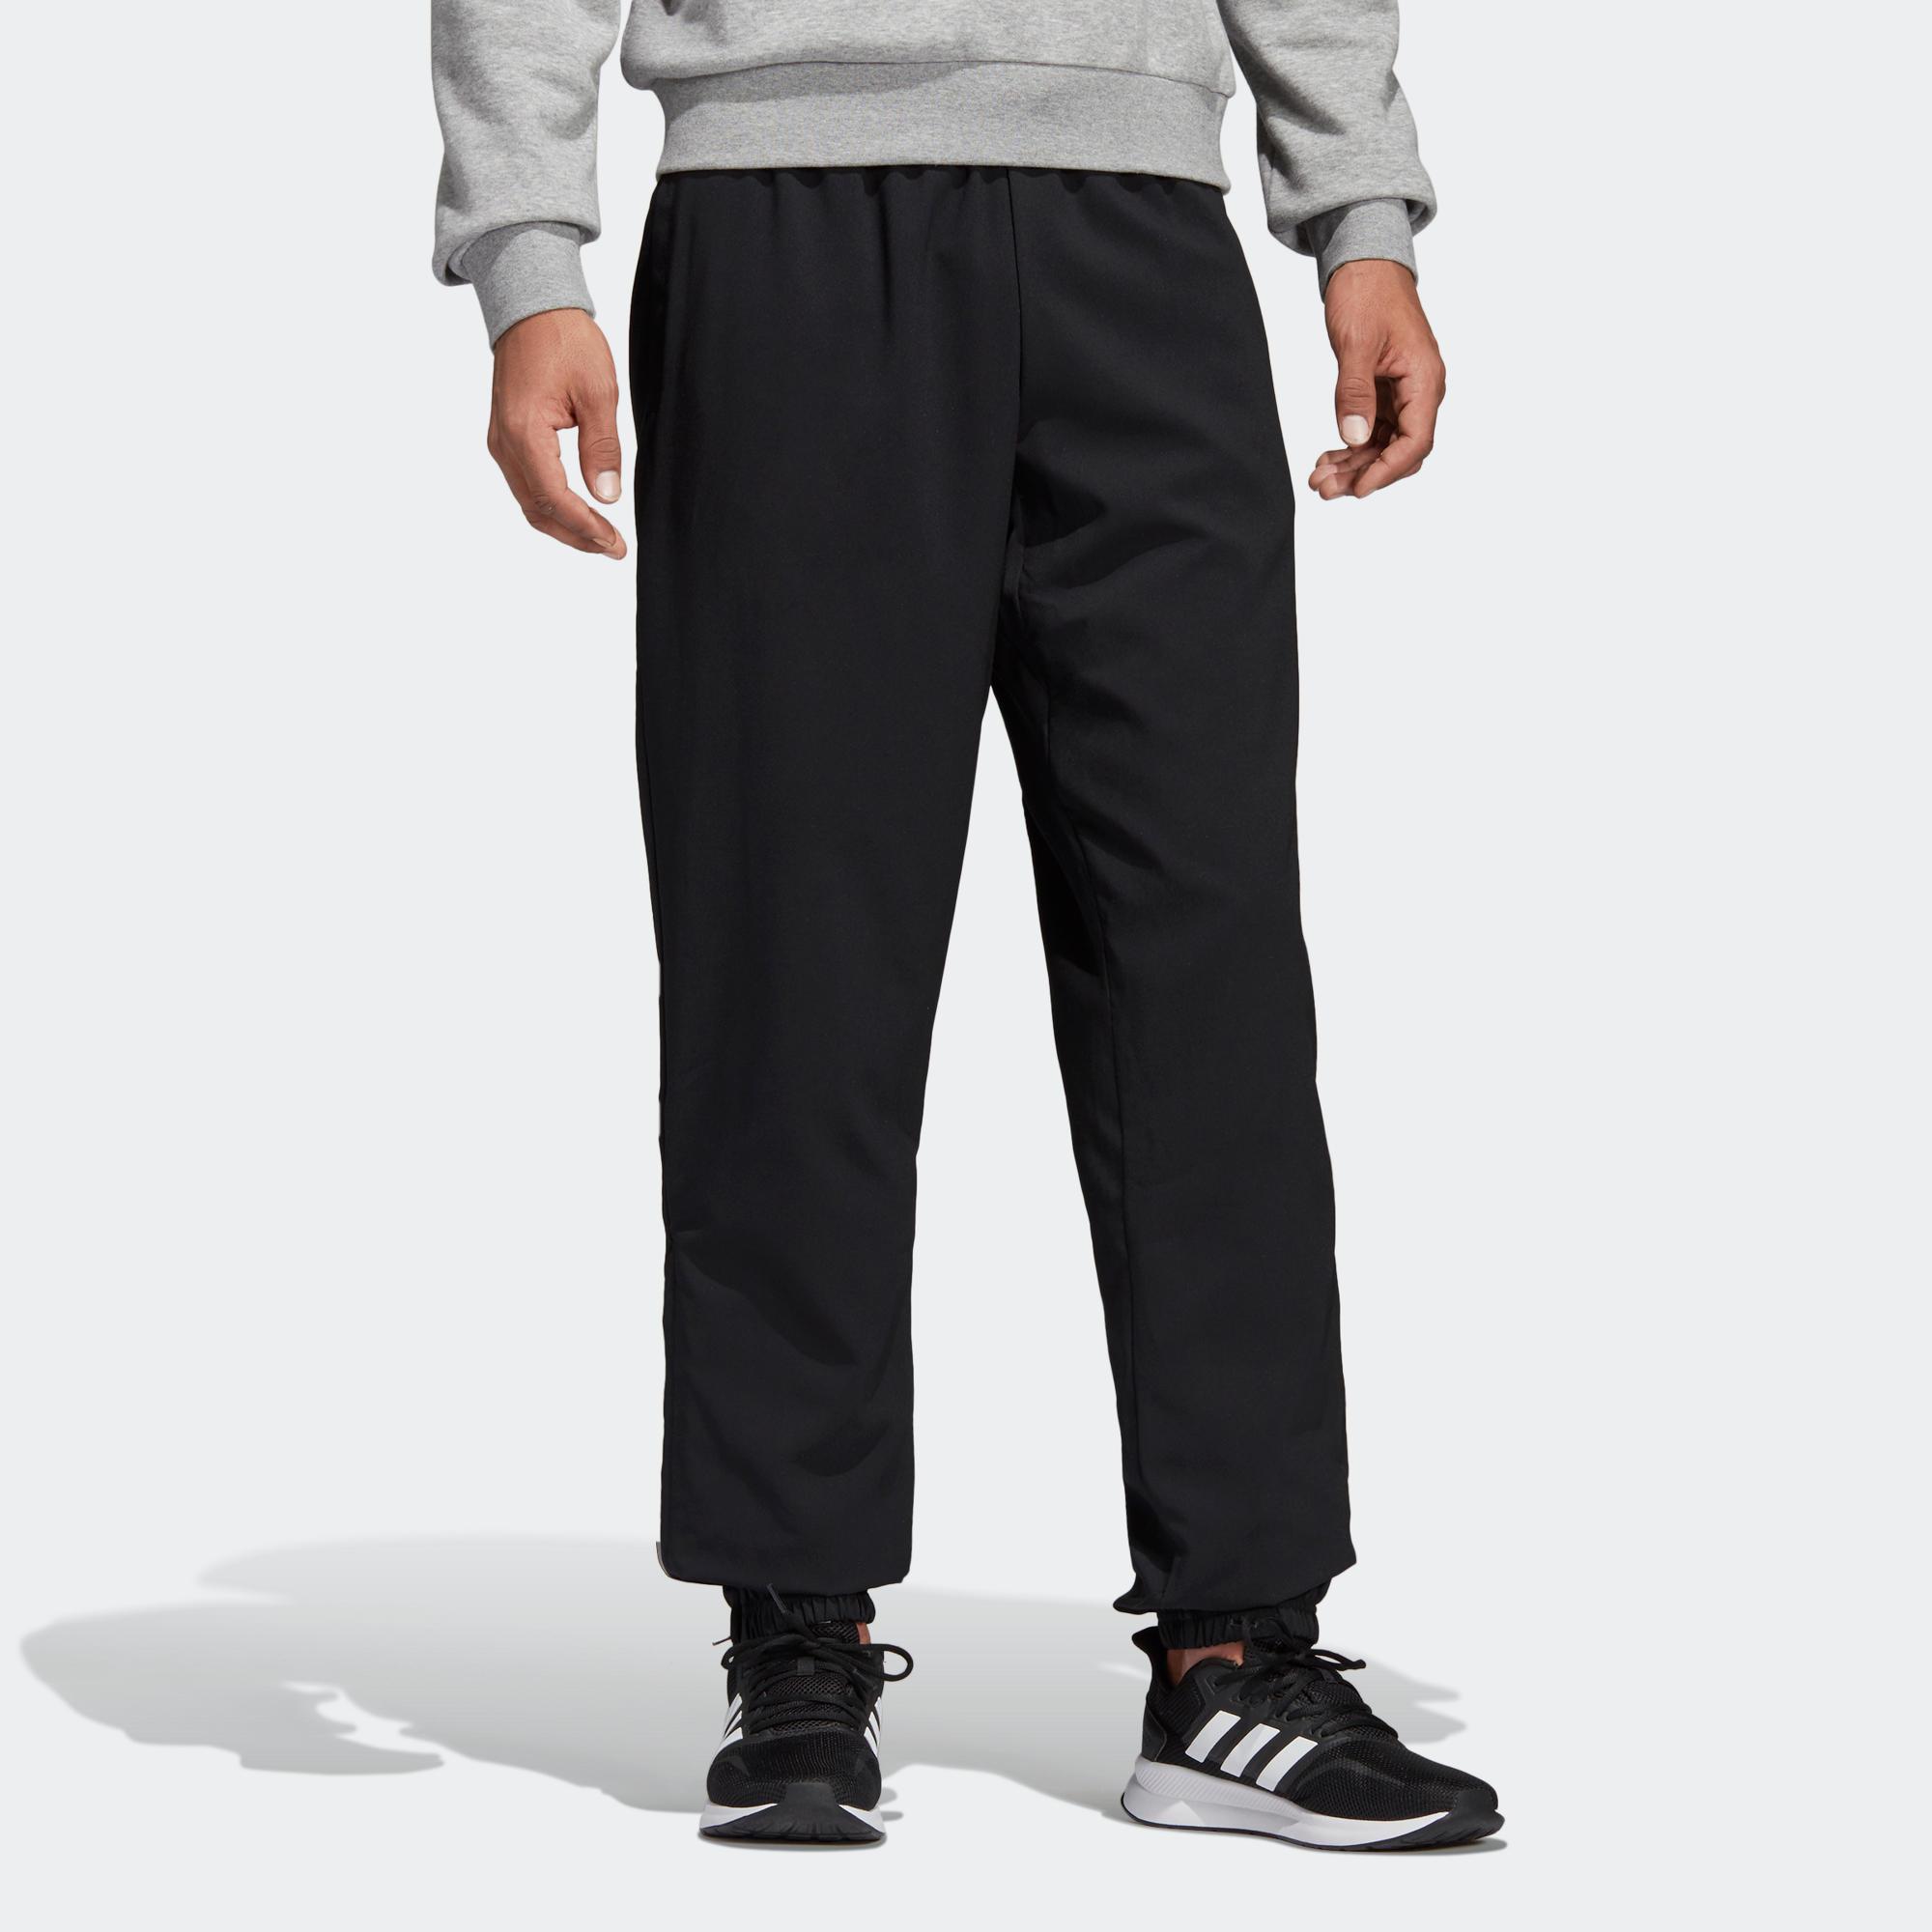 Accidentalmente Arco iris Residuos  Pantalón chándal hombre Adidas negro ADIDAS | Decathlon